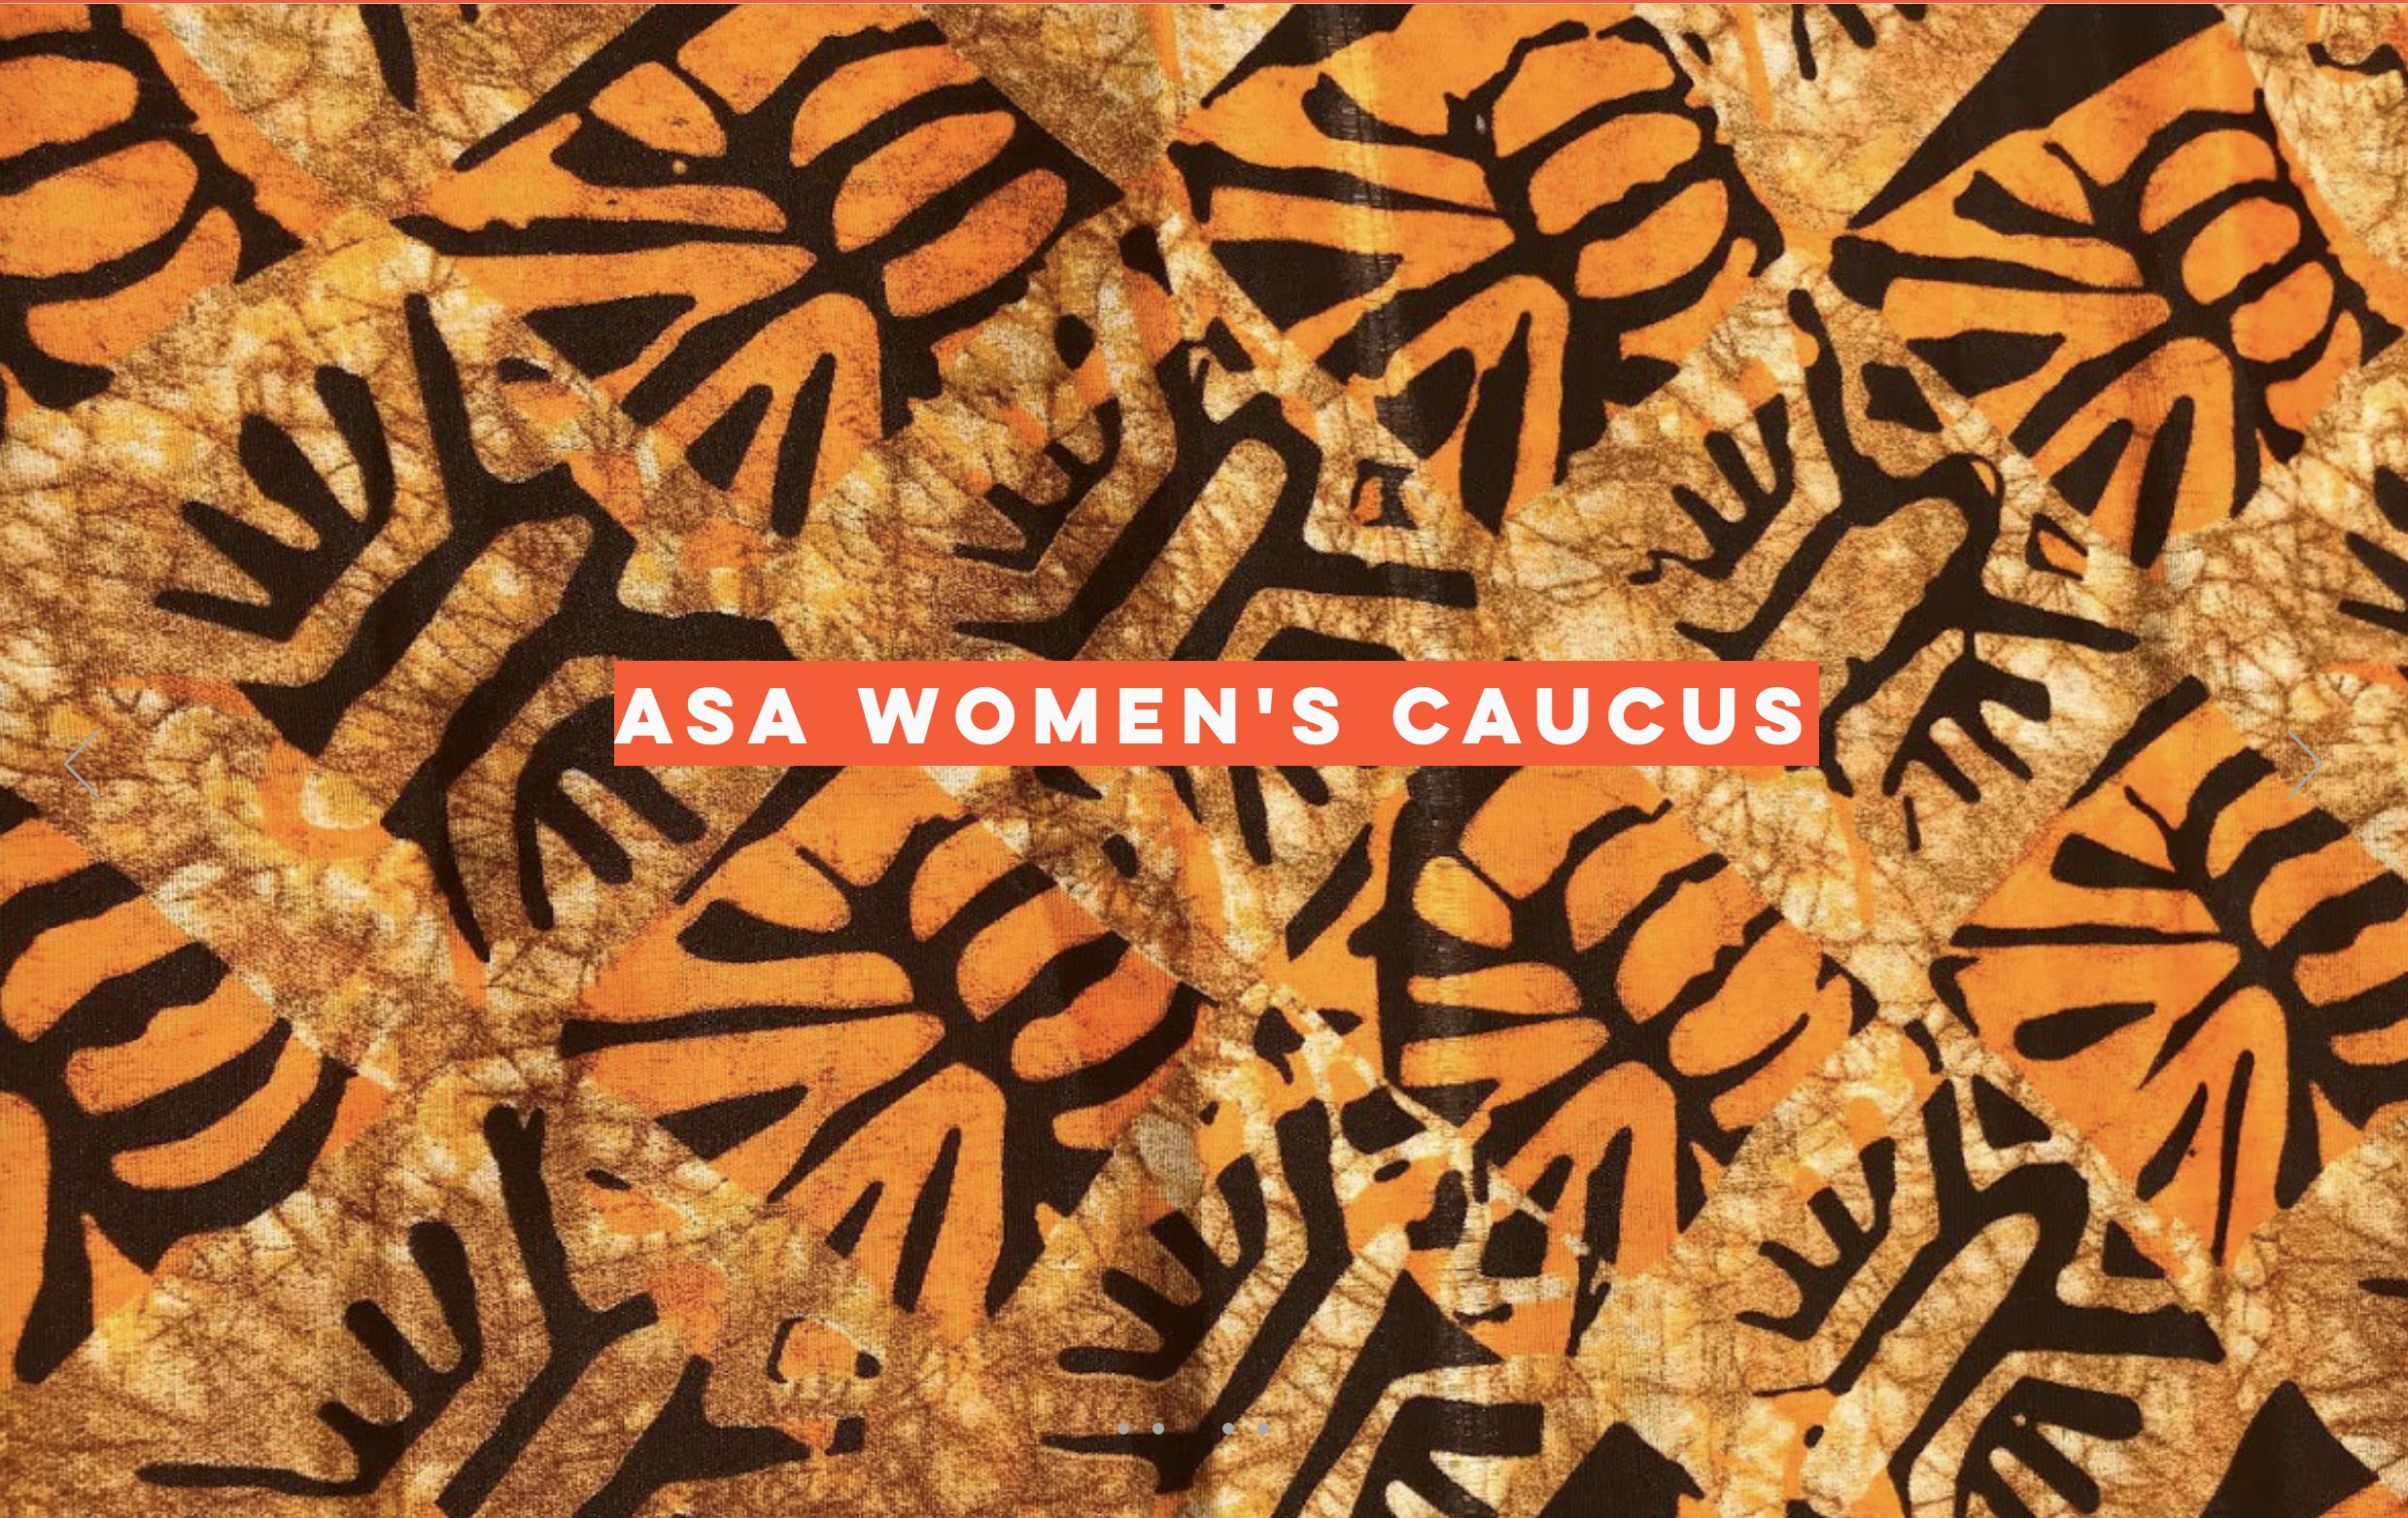 African Studies Association announces book publication